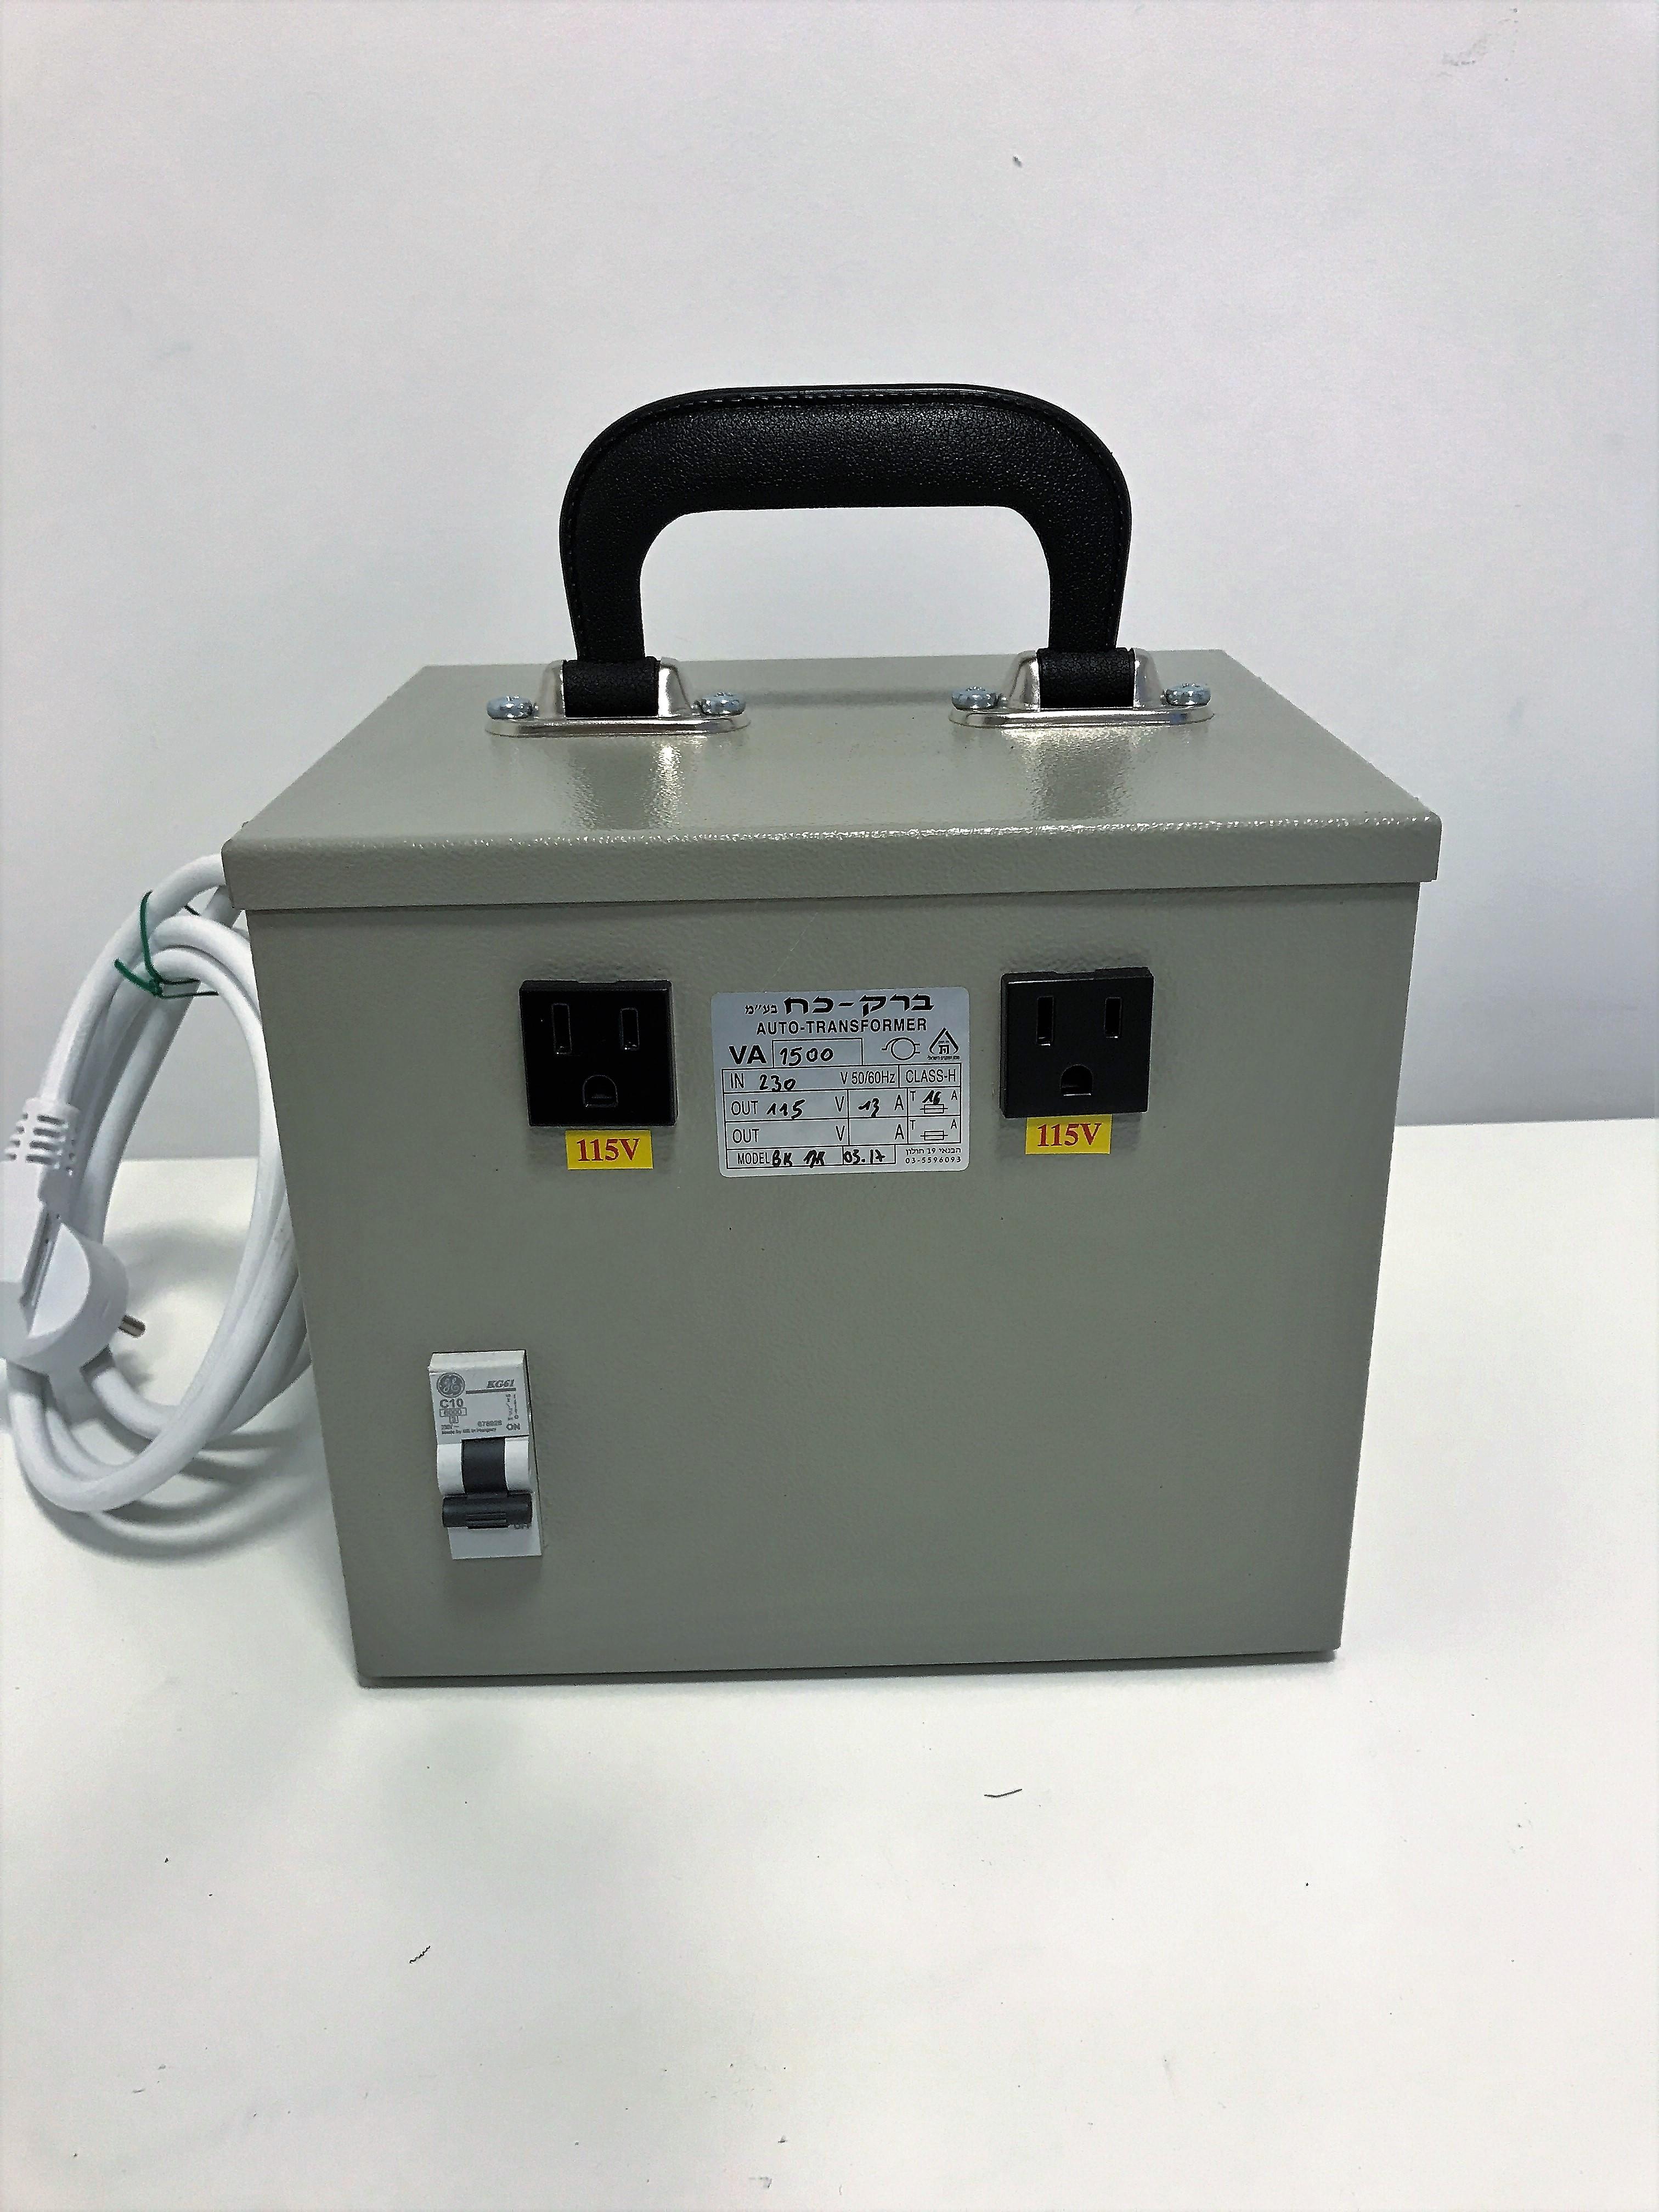 שנאי אוטוטרפו *קומפלט* בהספק 2500VA (למכשיר אמריקאי 115V)